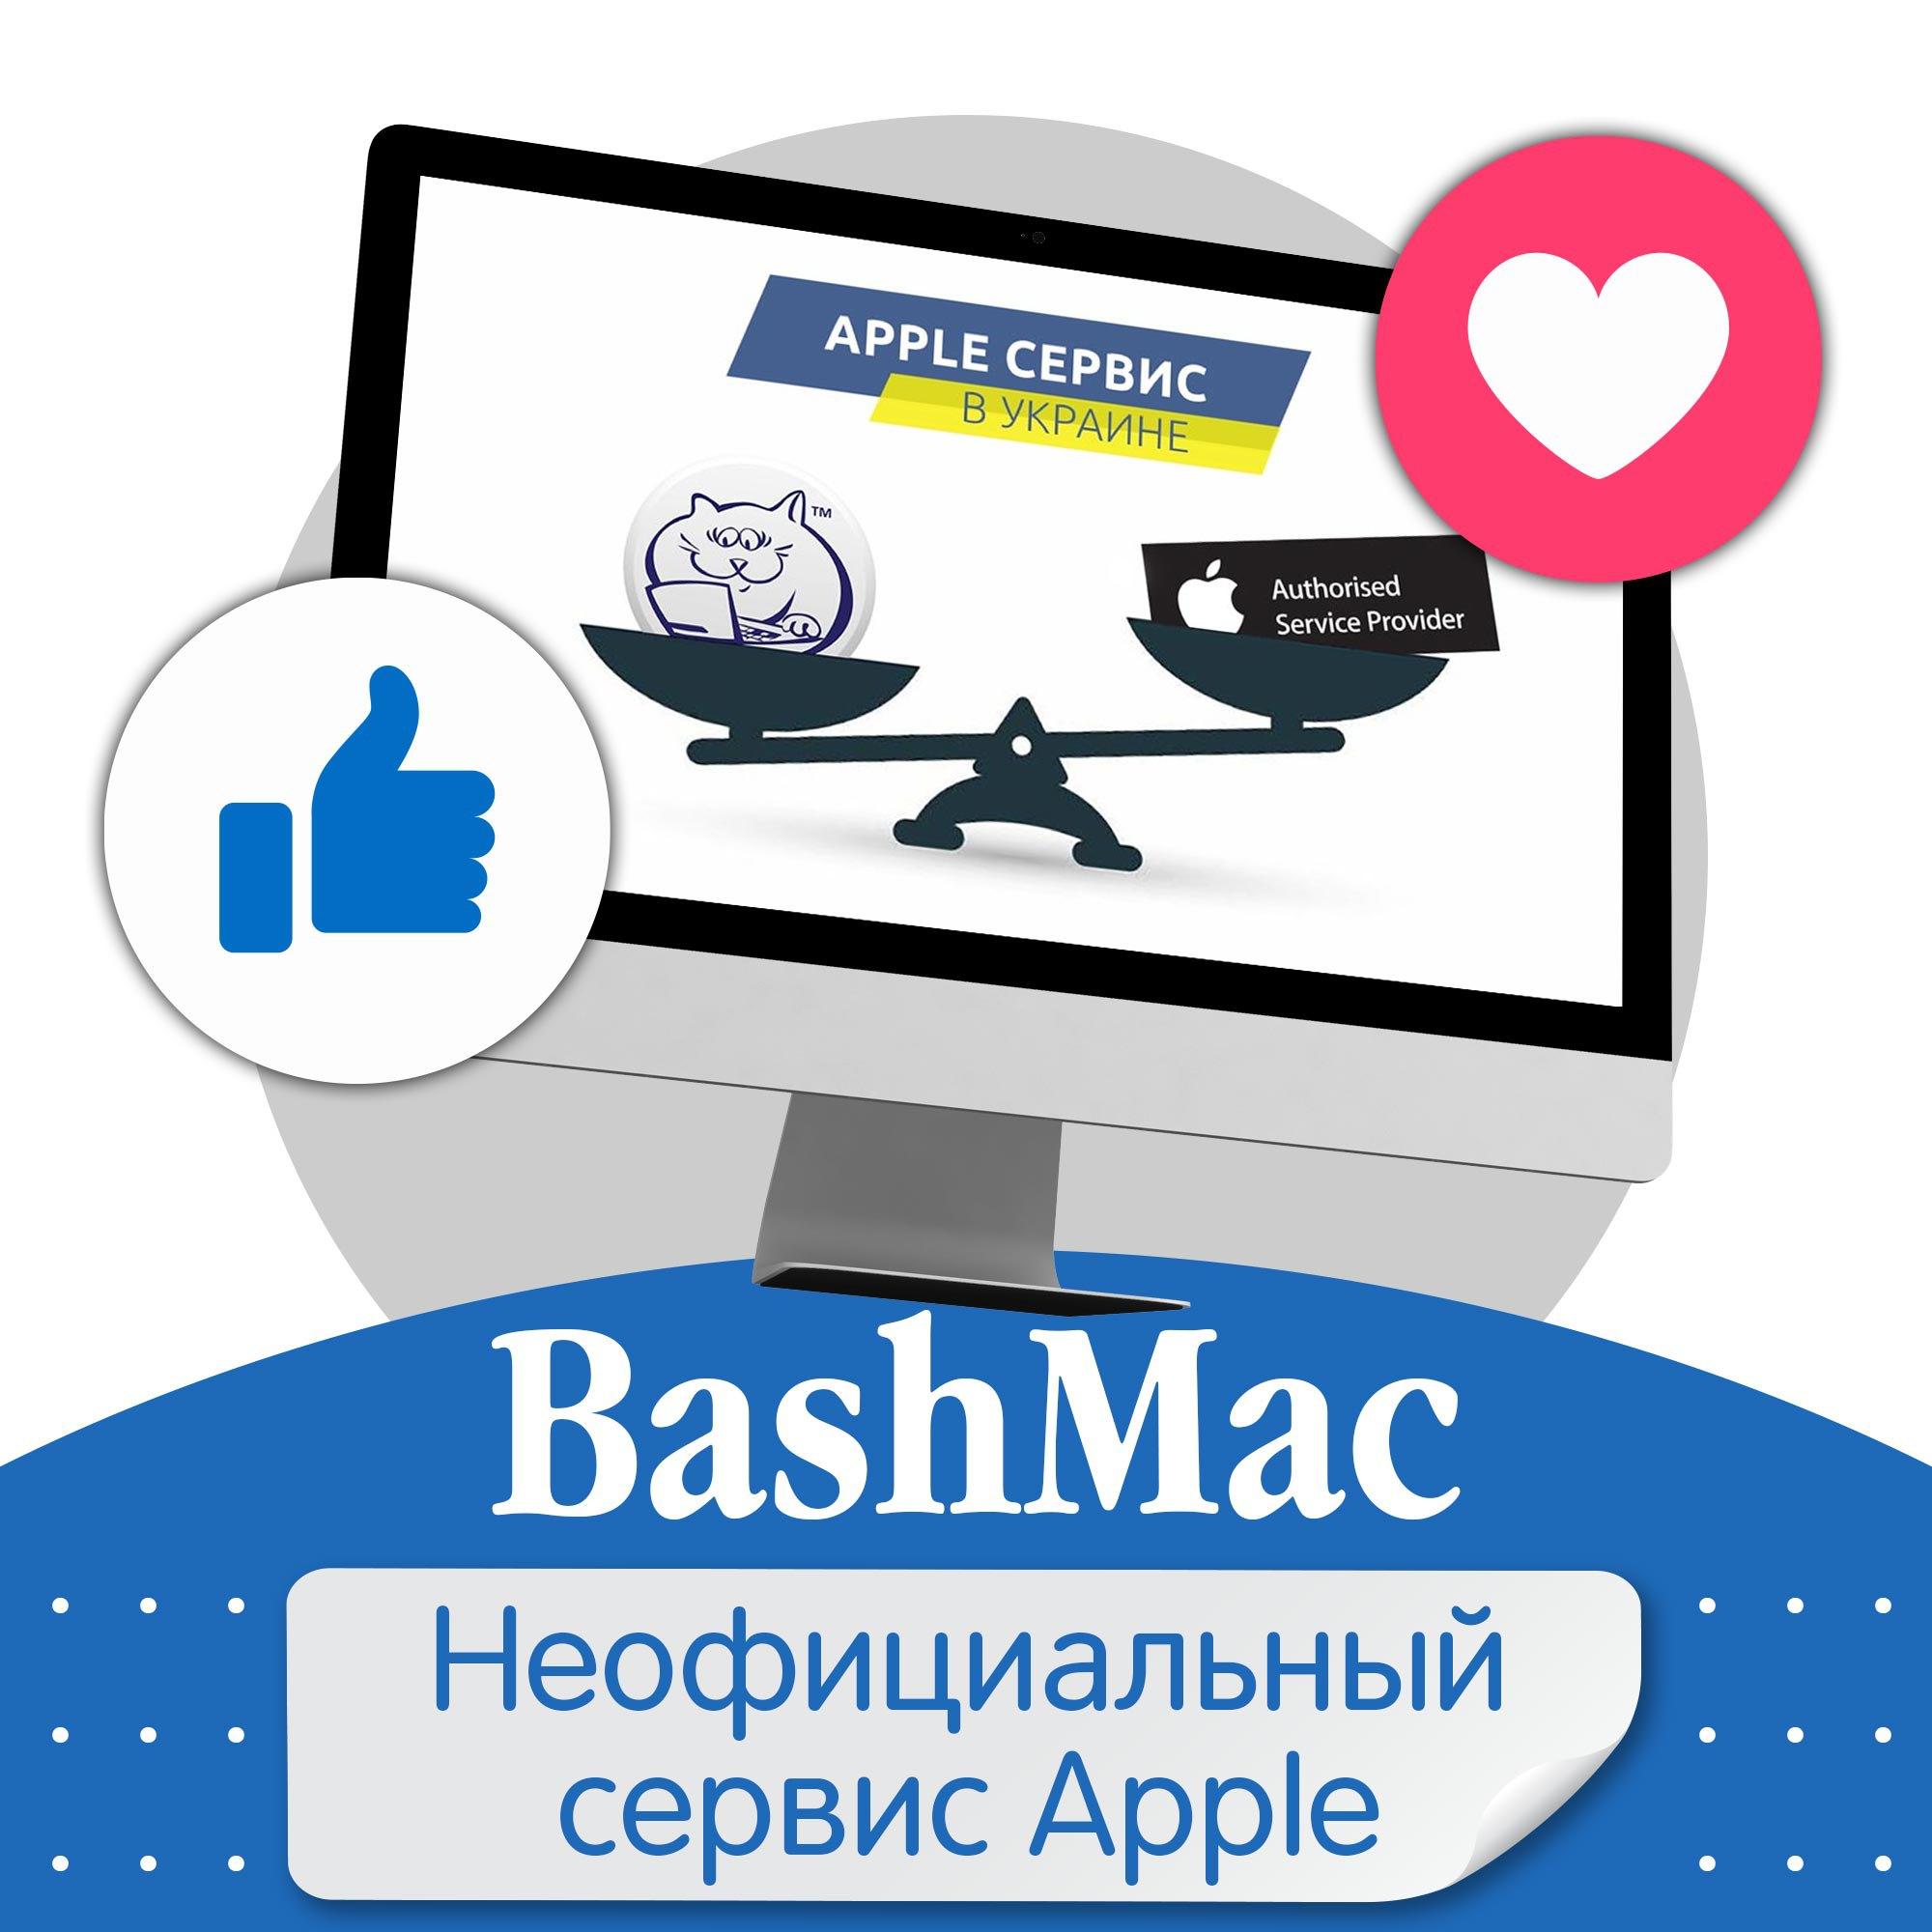 Официальный сервис Apple